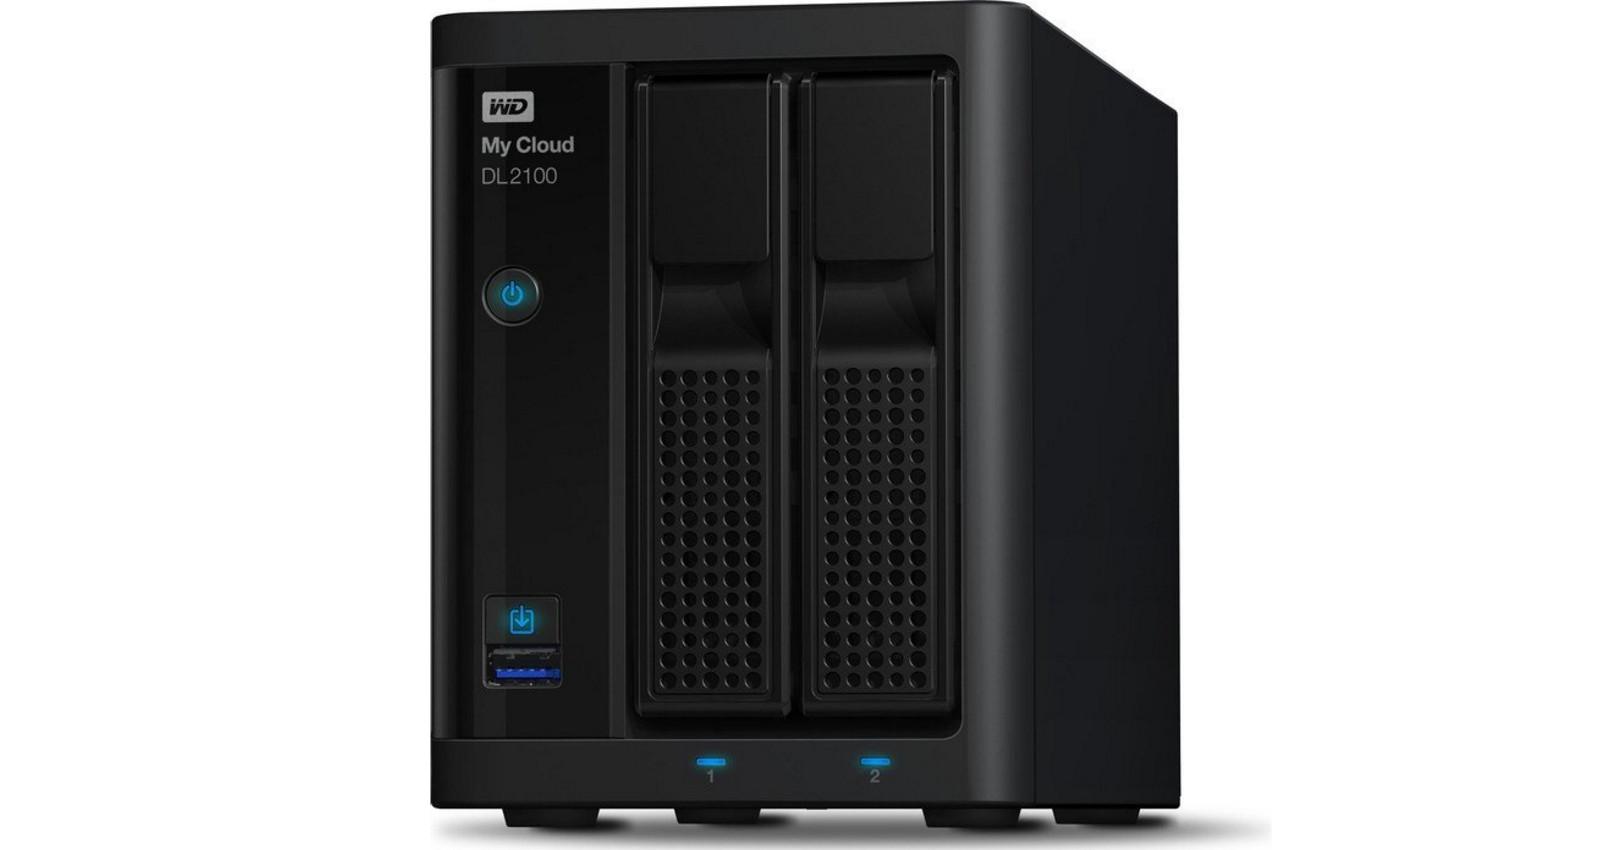 My Cloud DL2100